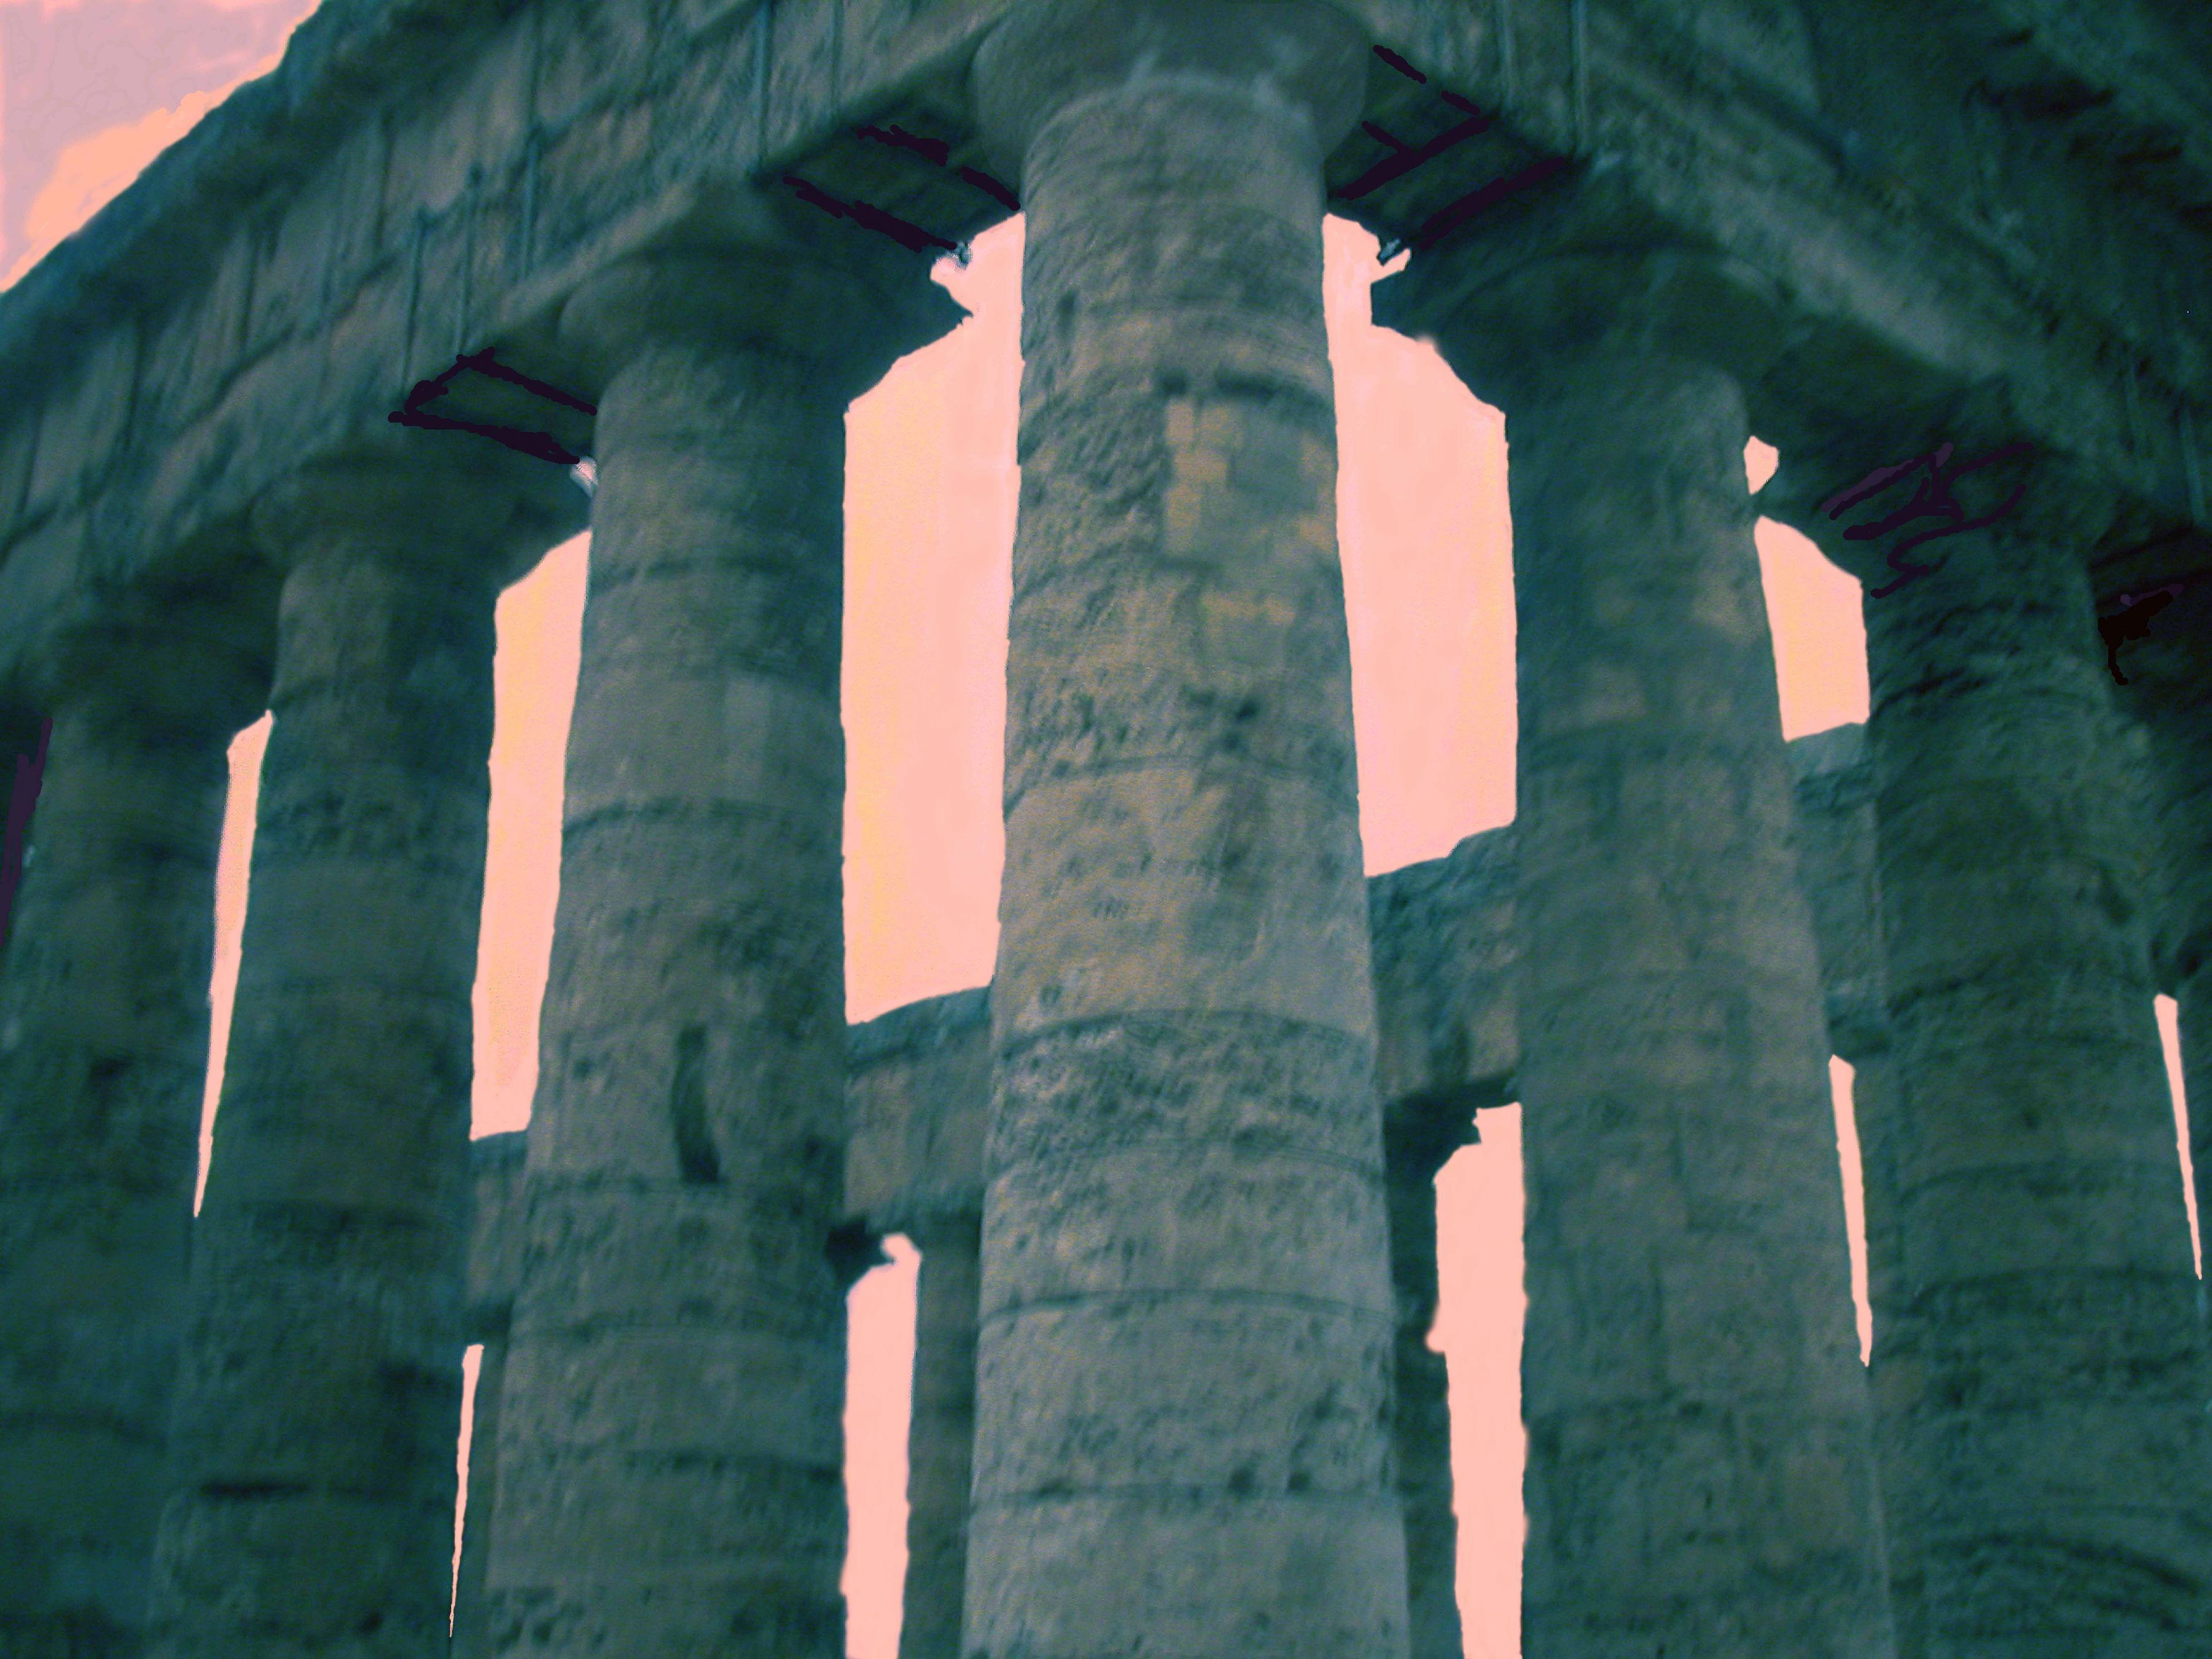 Colleseum Series (Close Up, Orange Sky), 2003